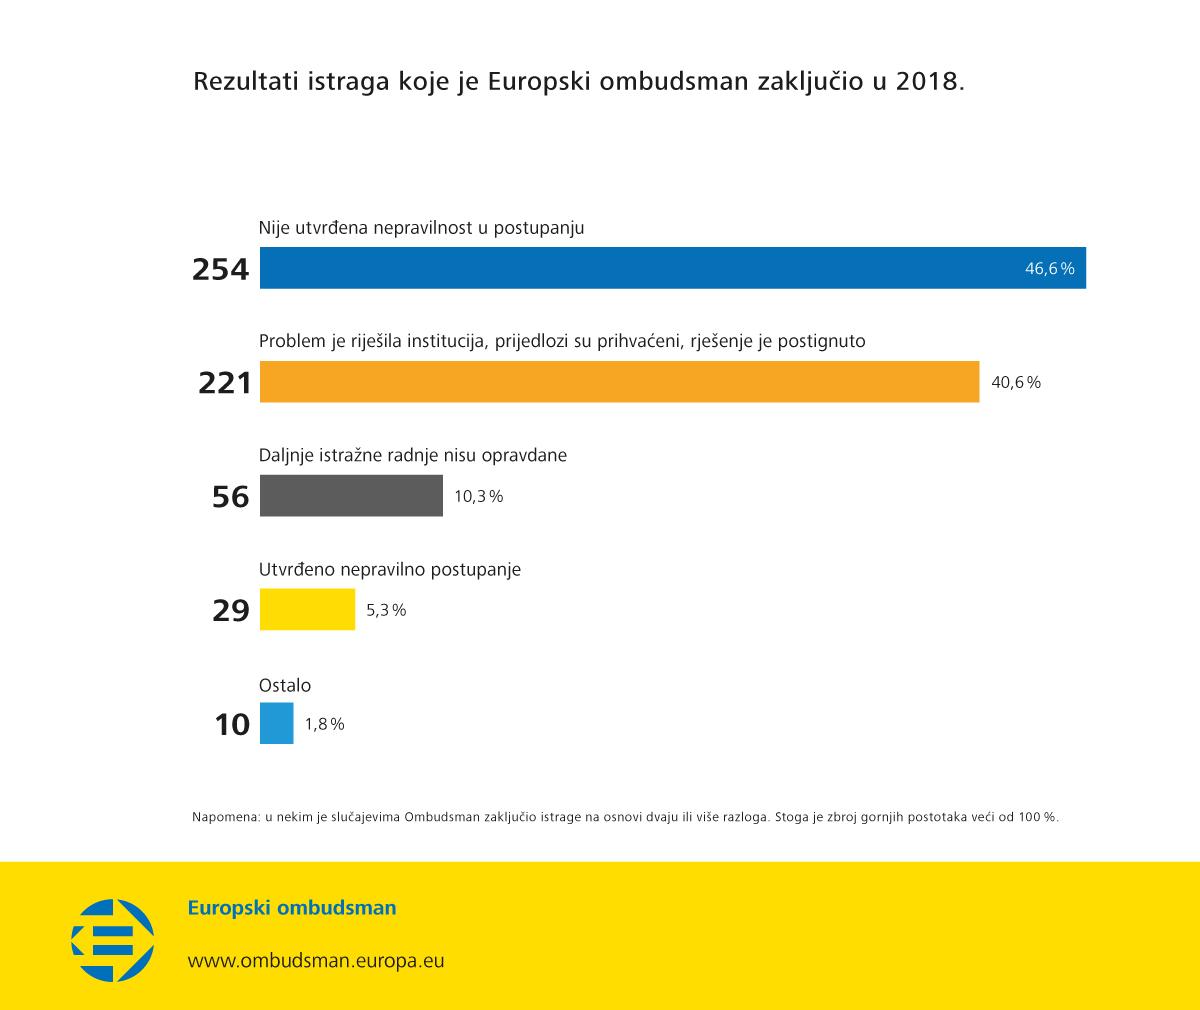 Rezultati istraga koje je Europski ombudsman zaključio u 2018.